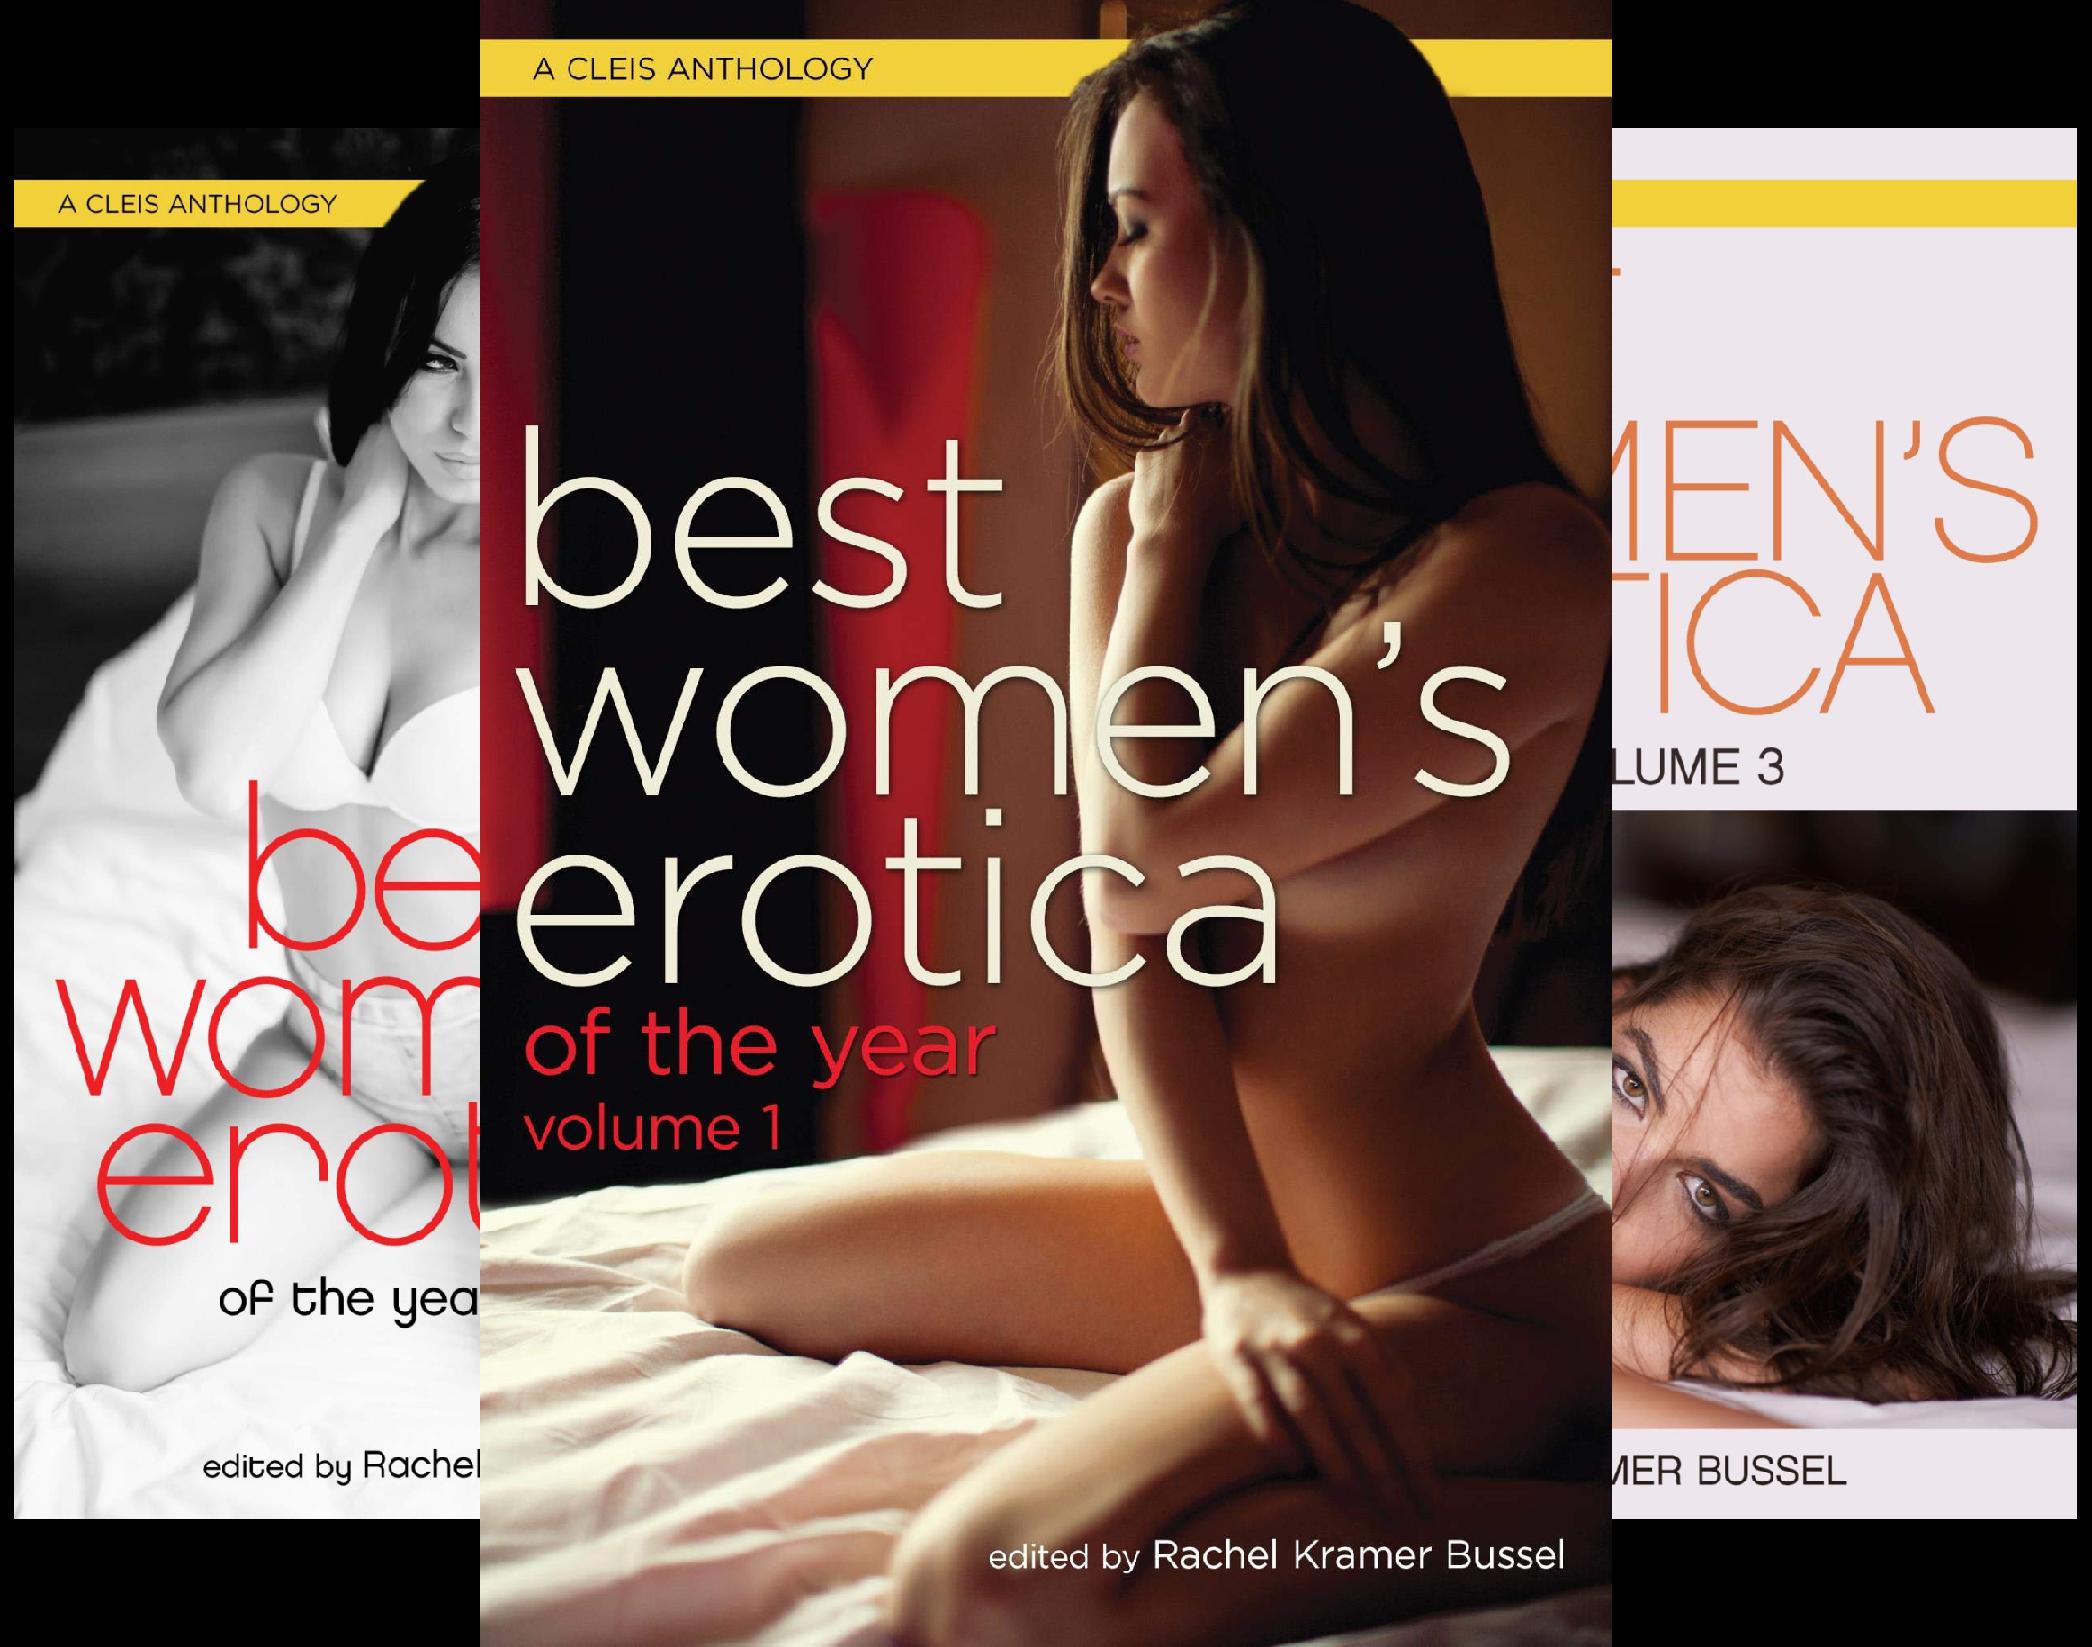 Best Women's Erotica Series (5 Book Series)